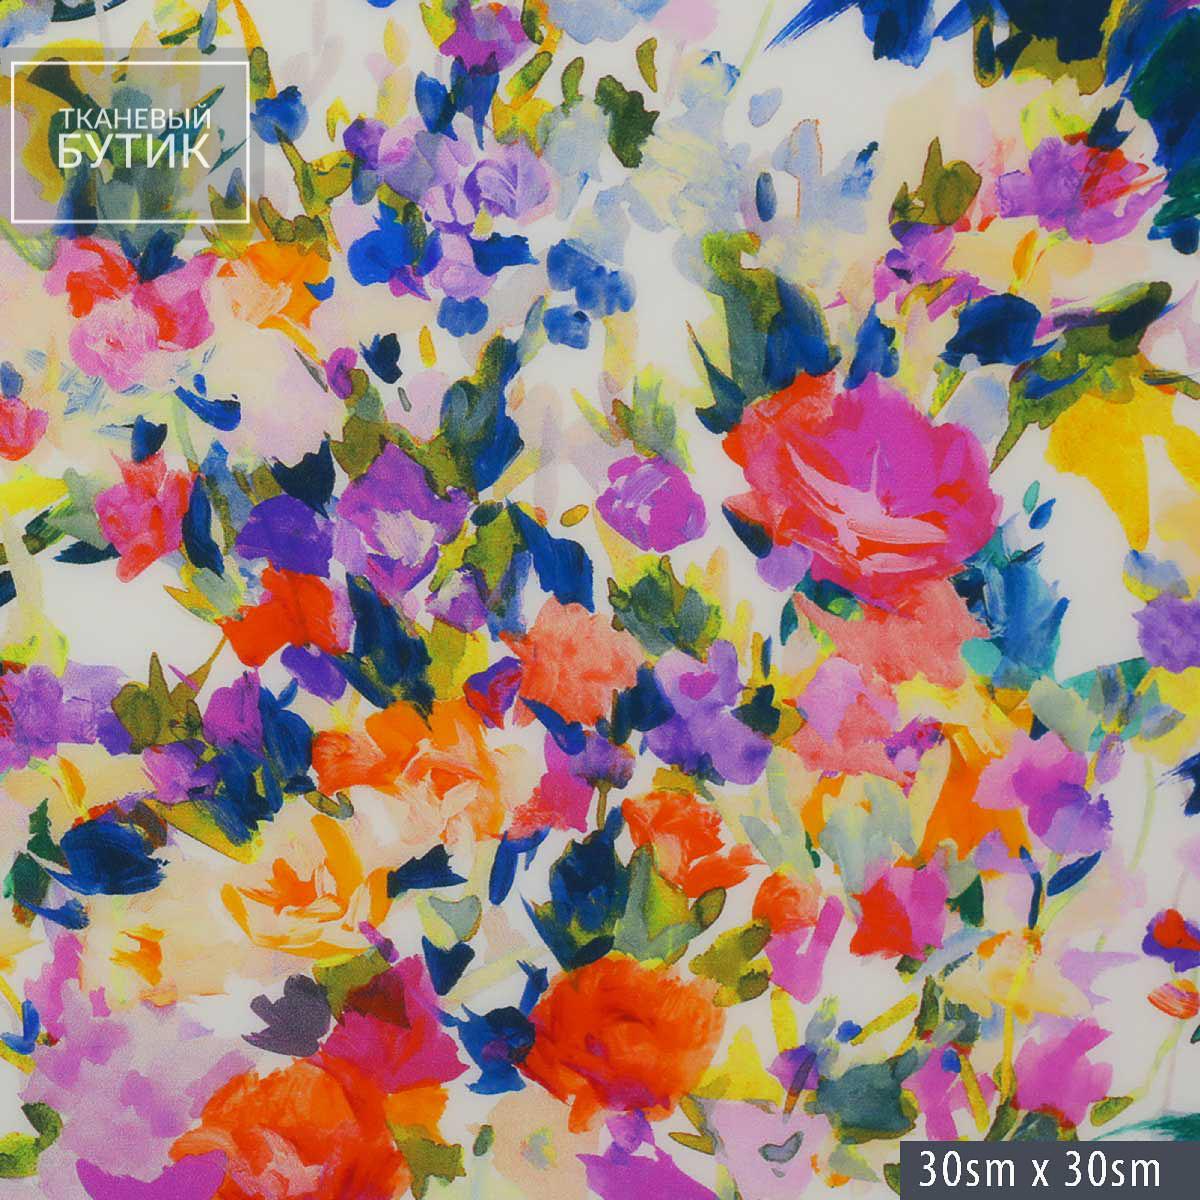 Нежный шелк с цветочным мотивом в стиле Моне